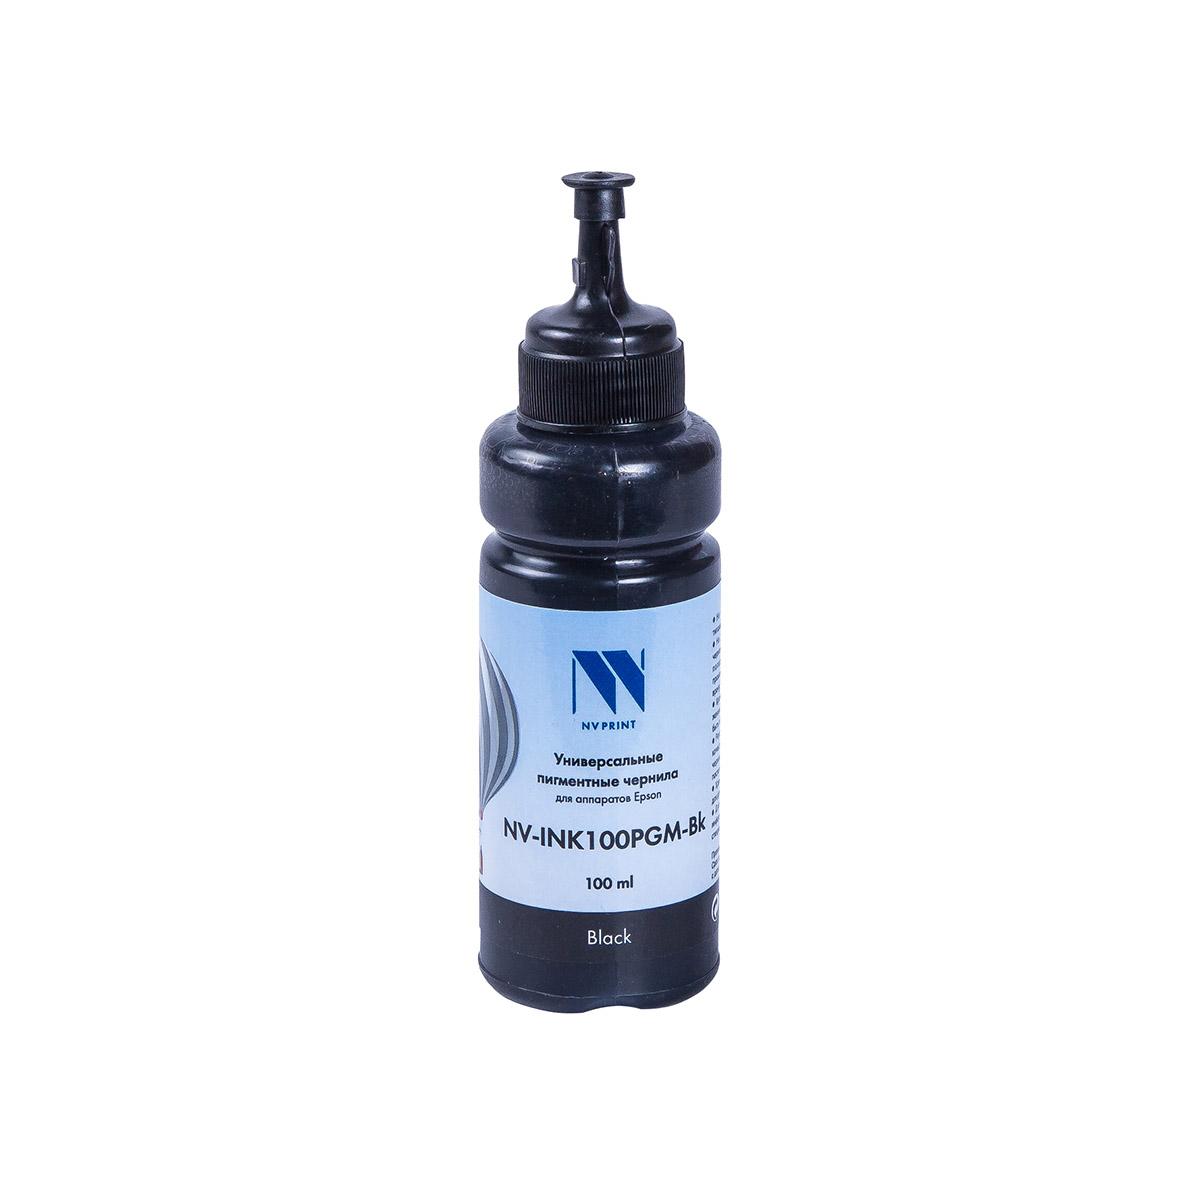 Чернила NV универсальные пигментные INK100PGM Black